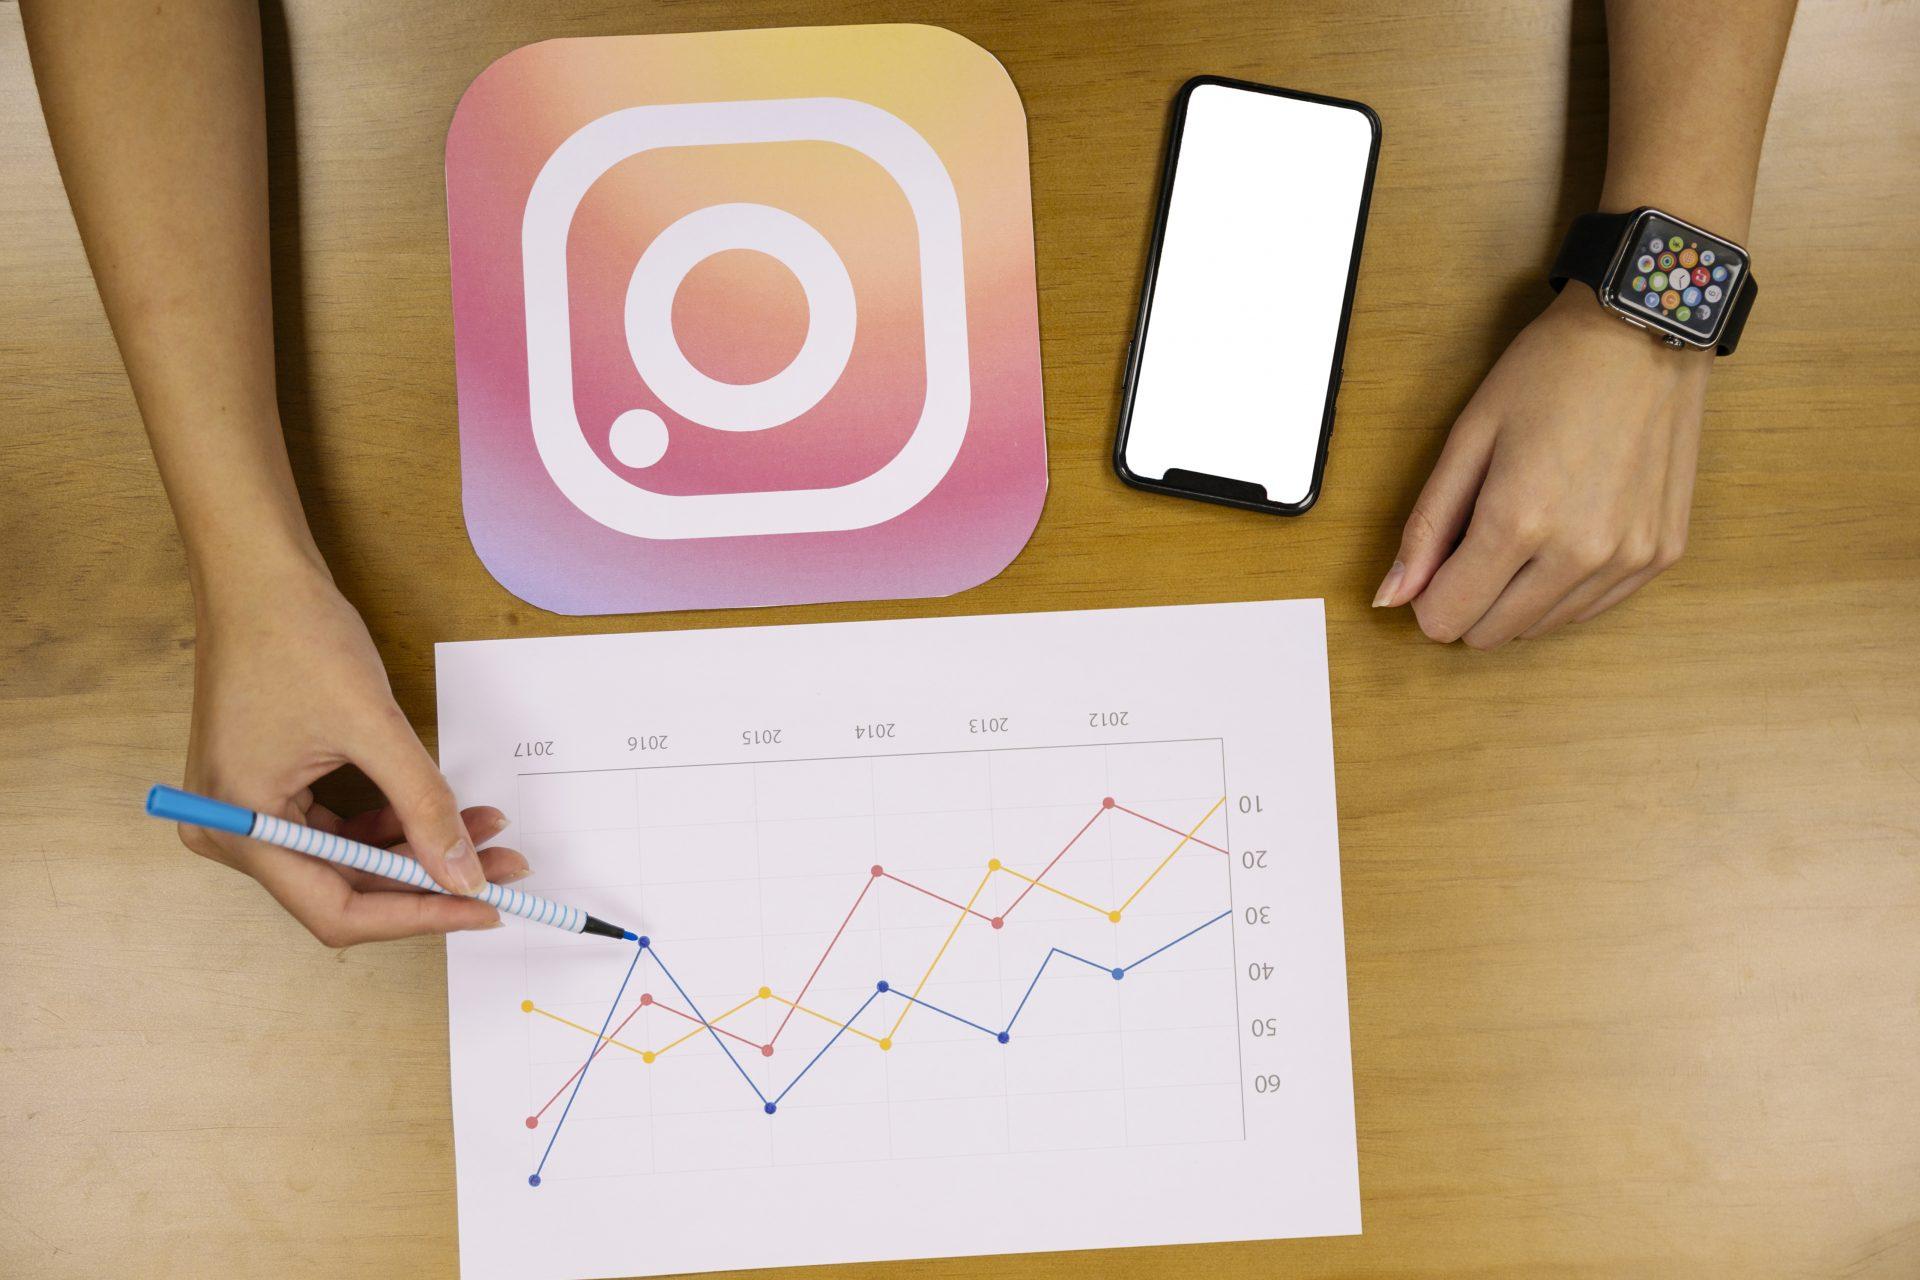 Aumentare le interazioni su Instagram - AndyBanfi.com